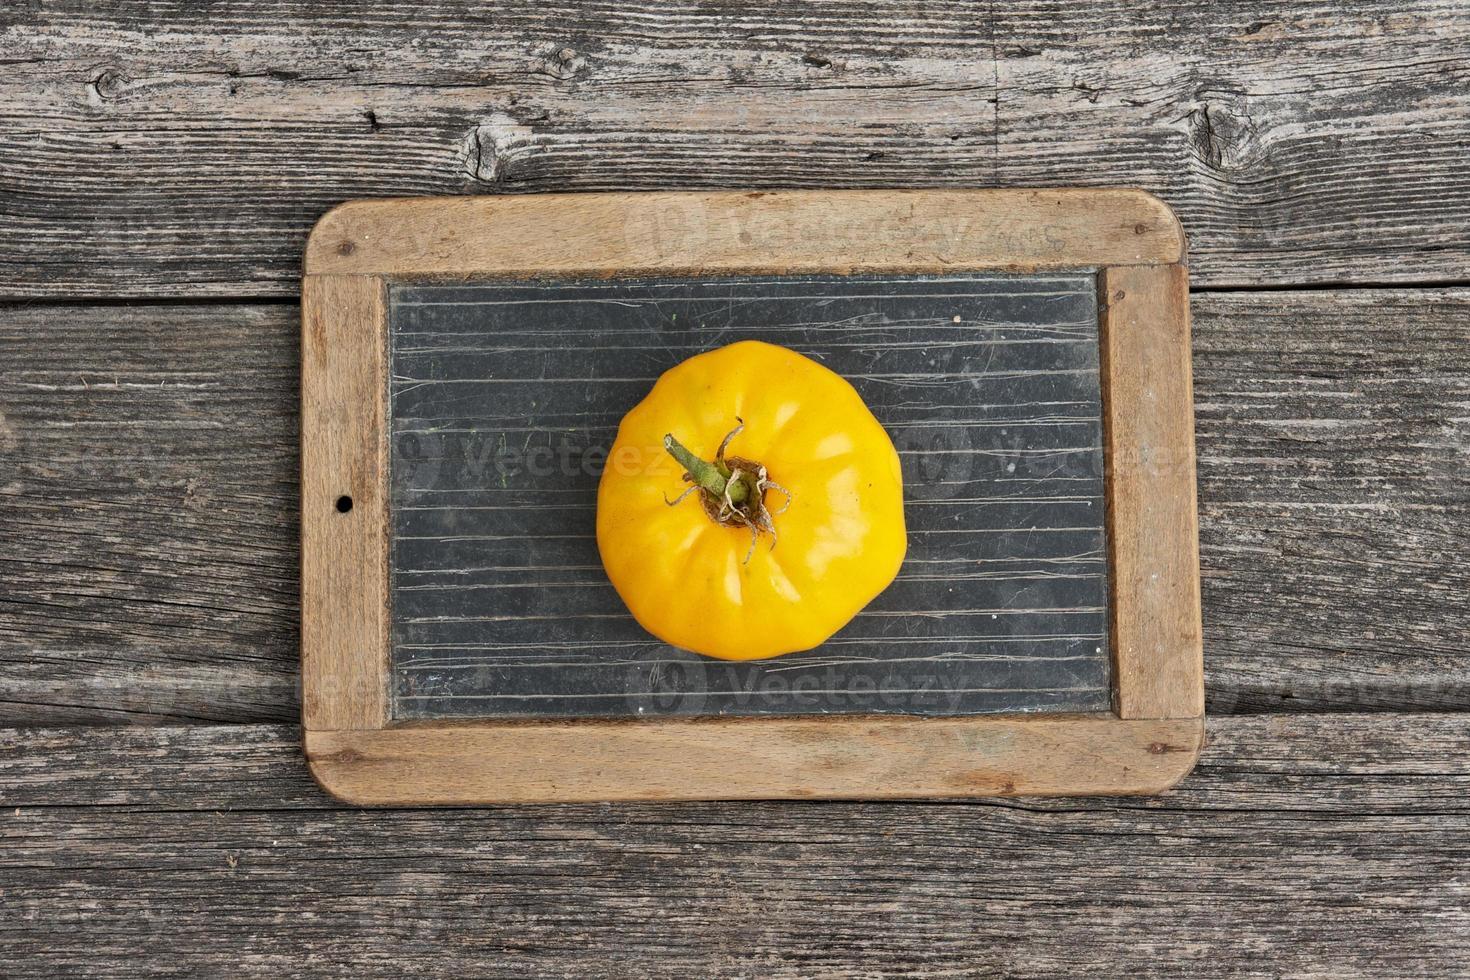 Tomate auf der Schieferschreibtafel foto